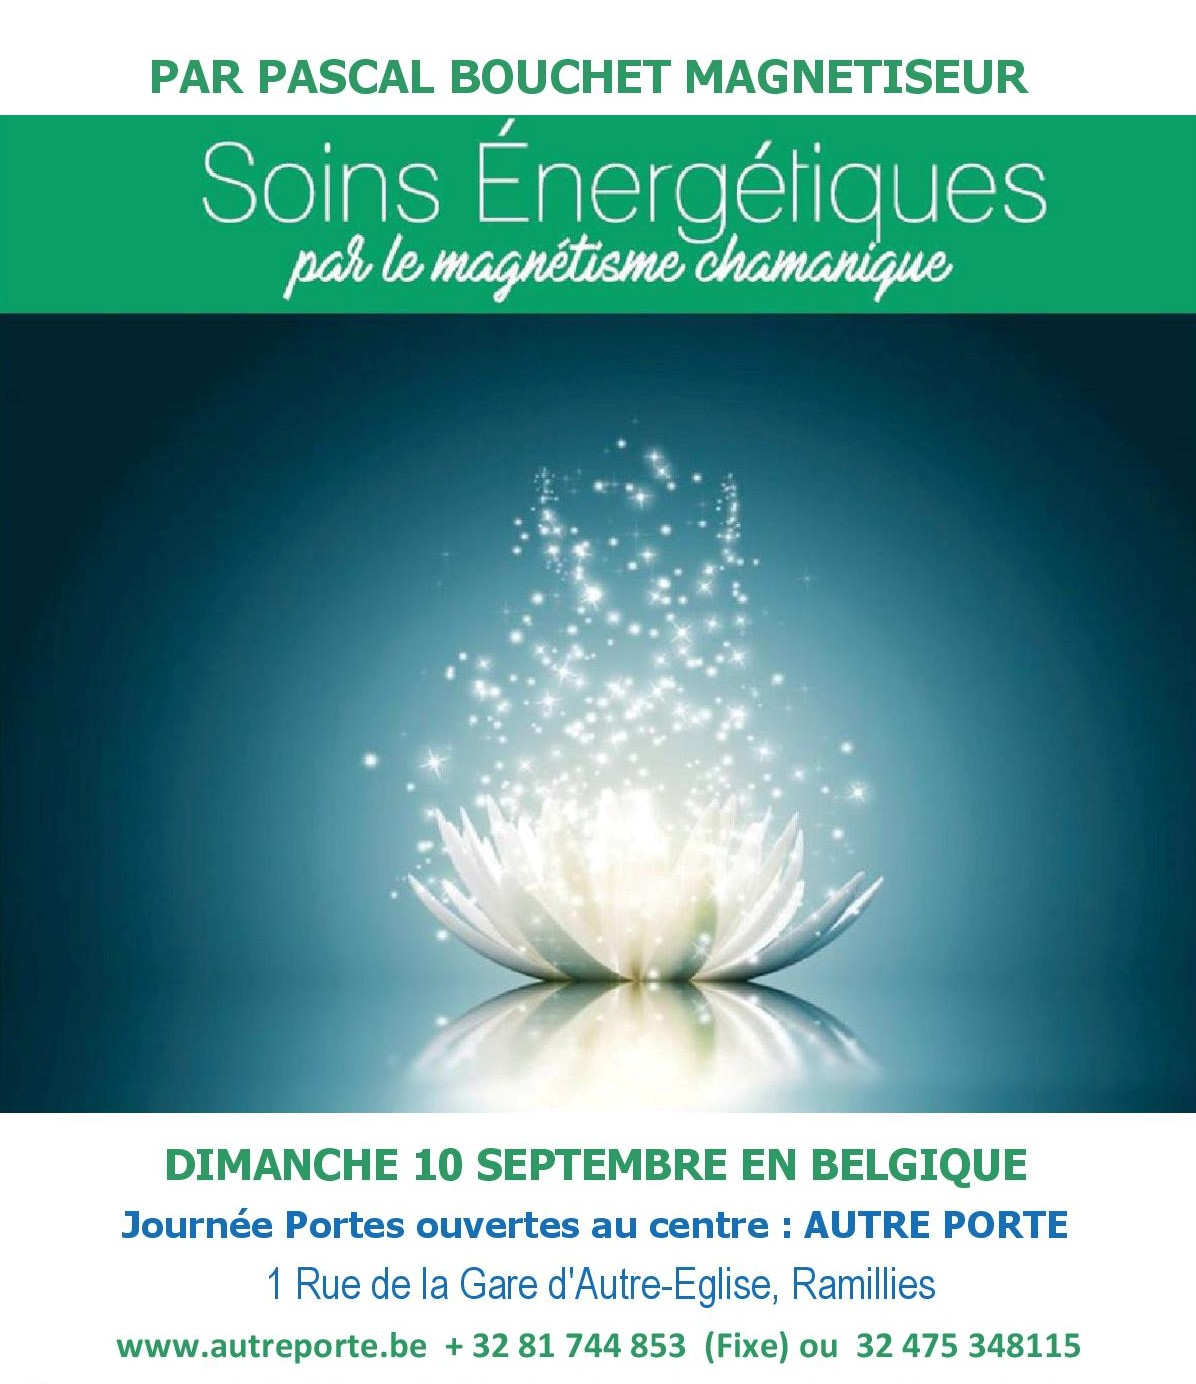 Magnetisme p ouvertes belgique 10 09 17 2